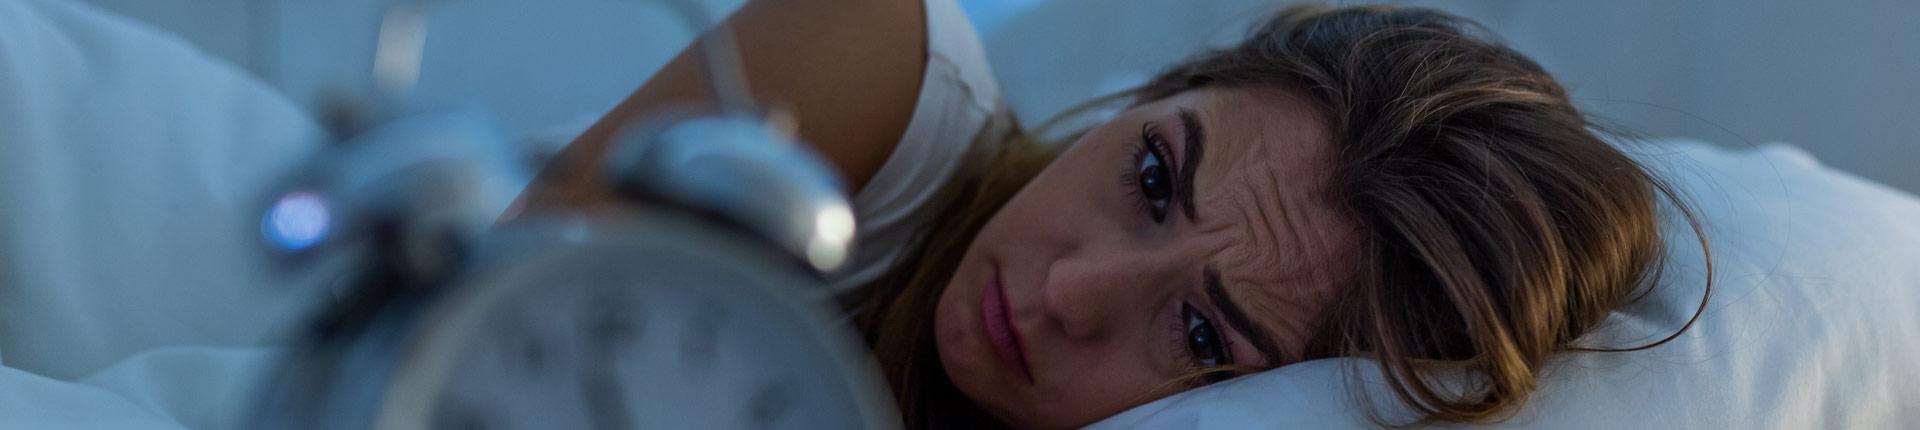 Zaburzenia snu, a cukrzyca i nowotwory